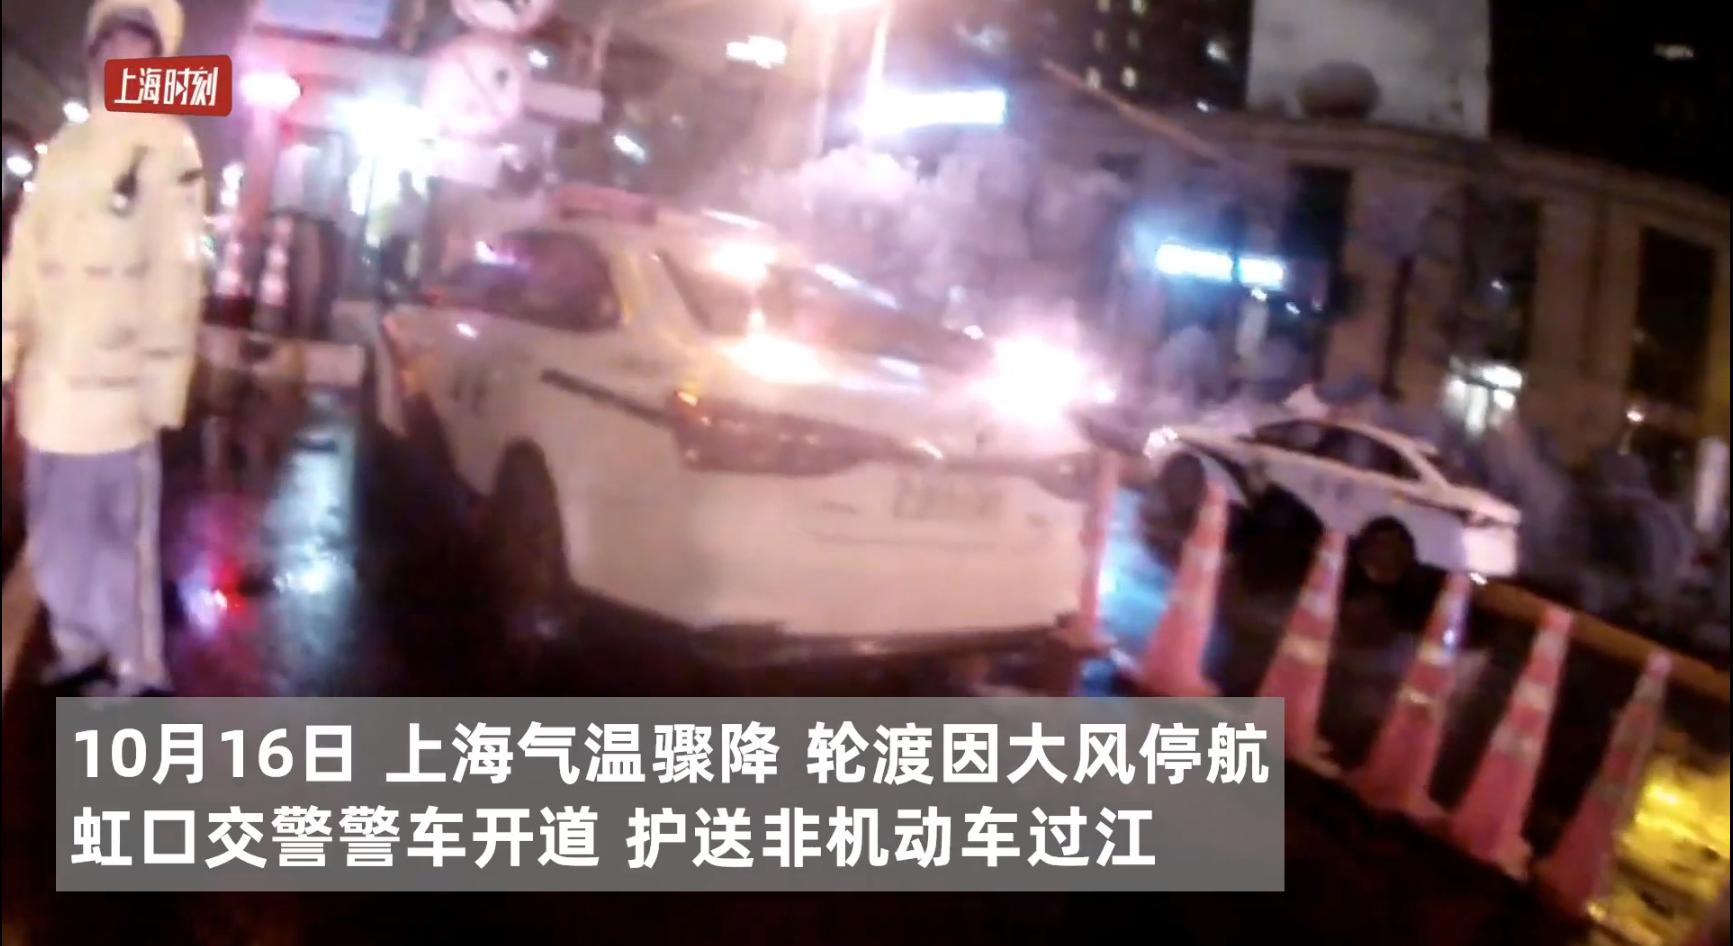 视频 | 轮渡因大风停航 交警警车开道护送非机动车过江